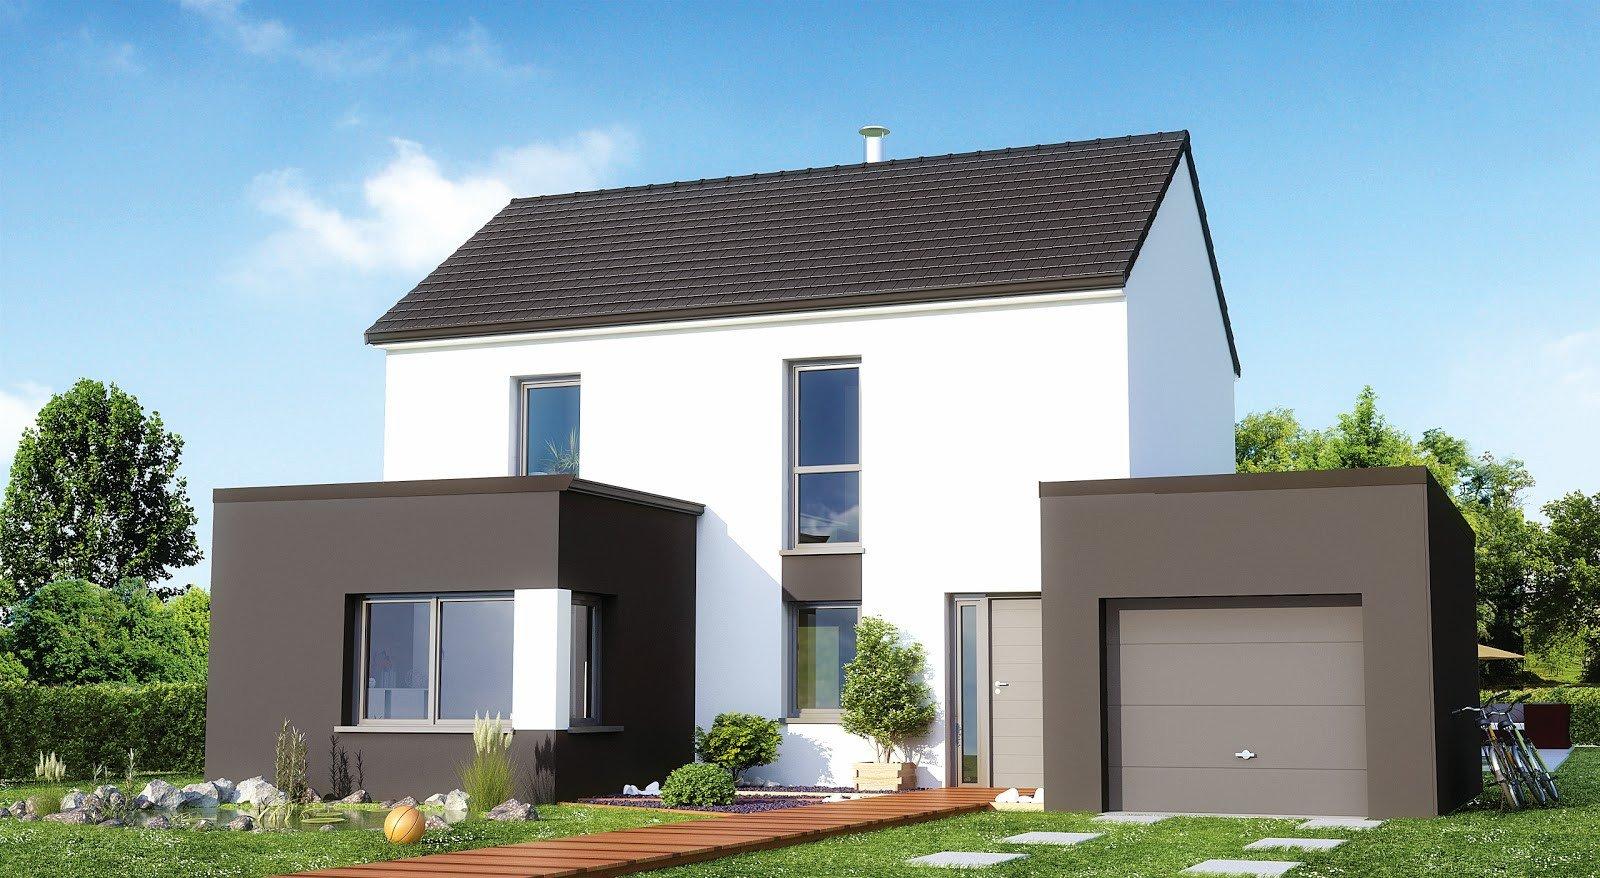 Maisons + Terrains du constructeur Maisons Phénix Nancy • 106 m² • SAINT NICOLAS DE PORT